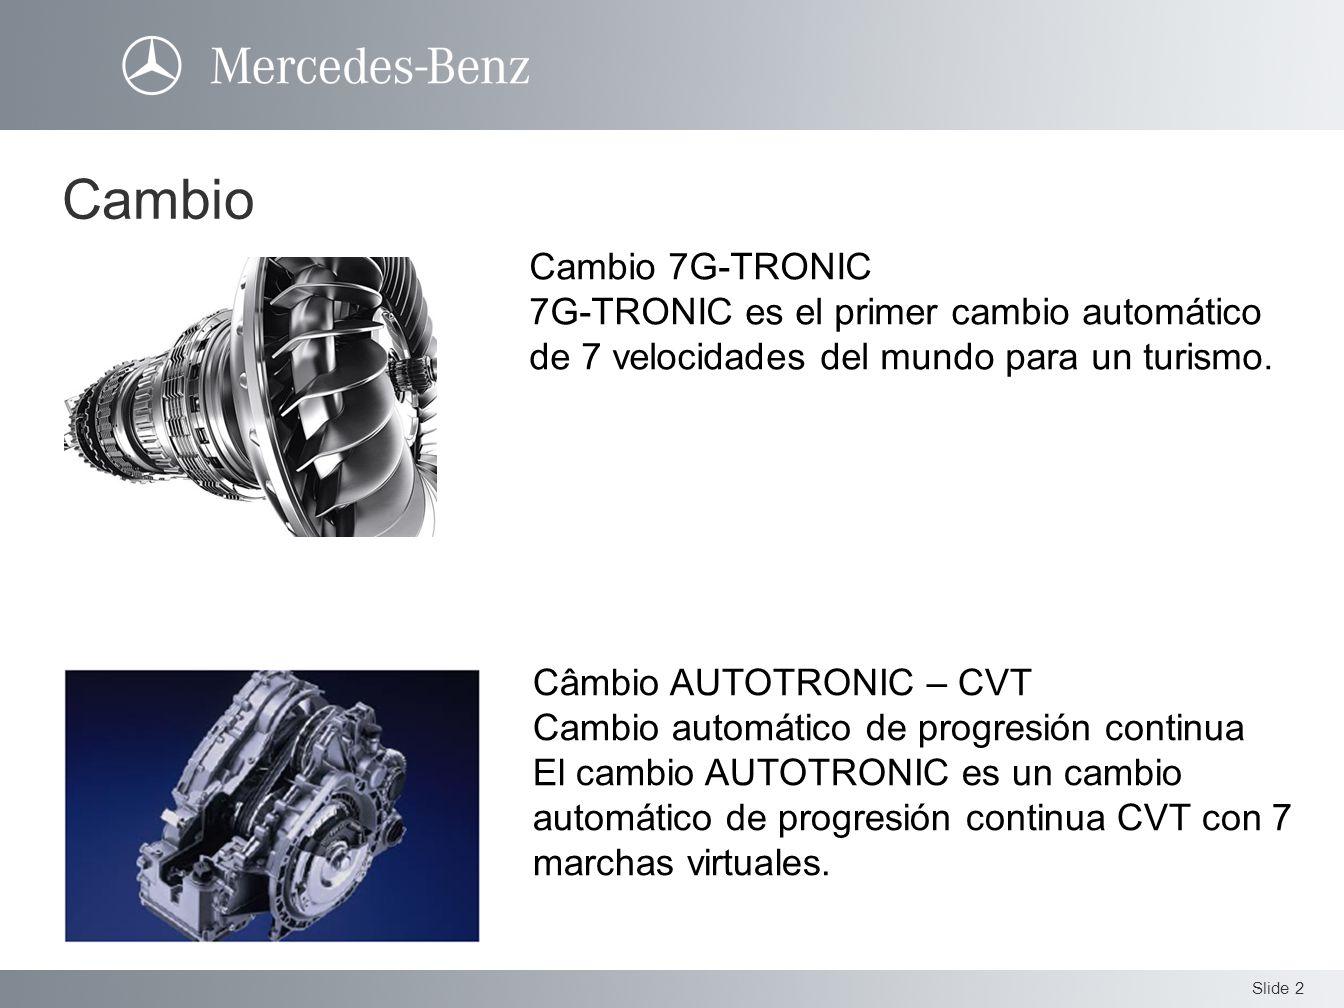 Slide 3 Cambio 7G-TRONIC AMG SPEEDSHIFT MCT El SL 63 AMG es el primer modelo deportivo AMG equipado con el nuevo e innovador cambio deportivo de 7 velocidades AMG SPEEDSHIFT MCT (MCT = «Multi Clutch Tecnology», tecnología multiembrague).